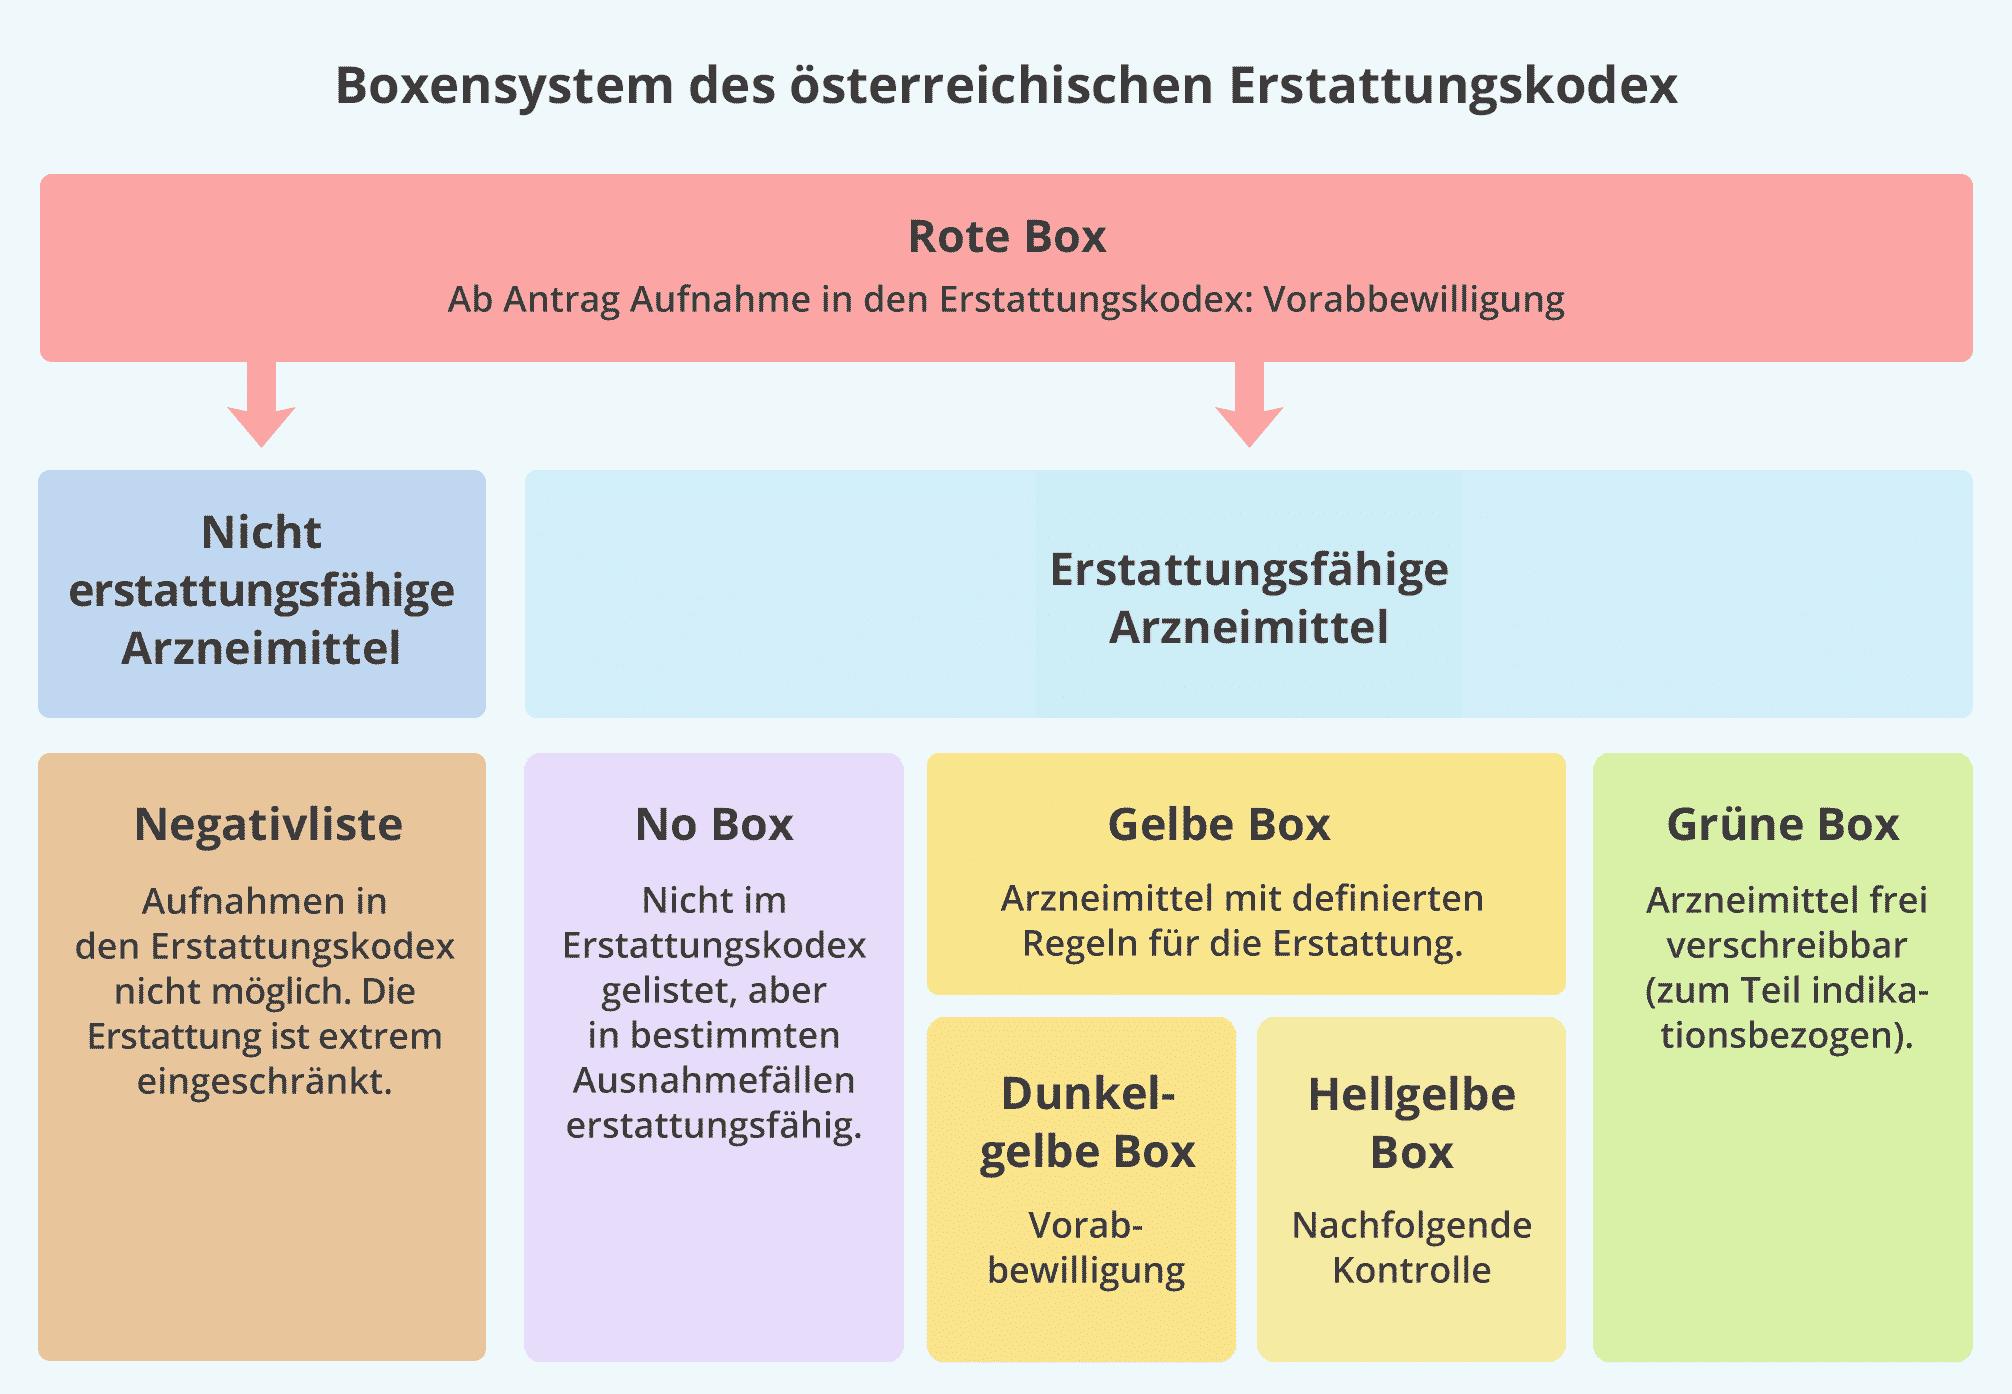 Boxensystem des österreichischen Erstattungskodex